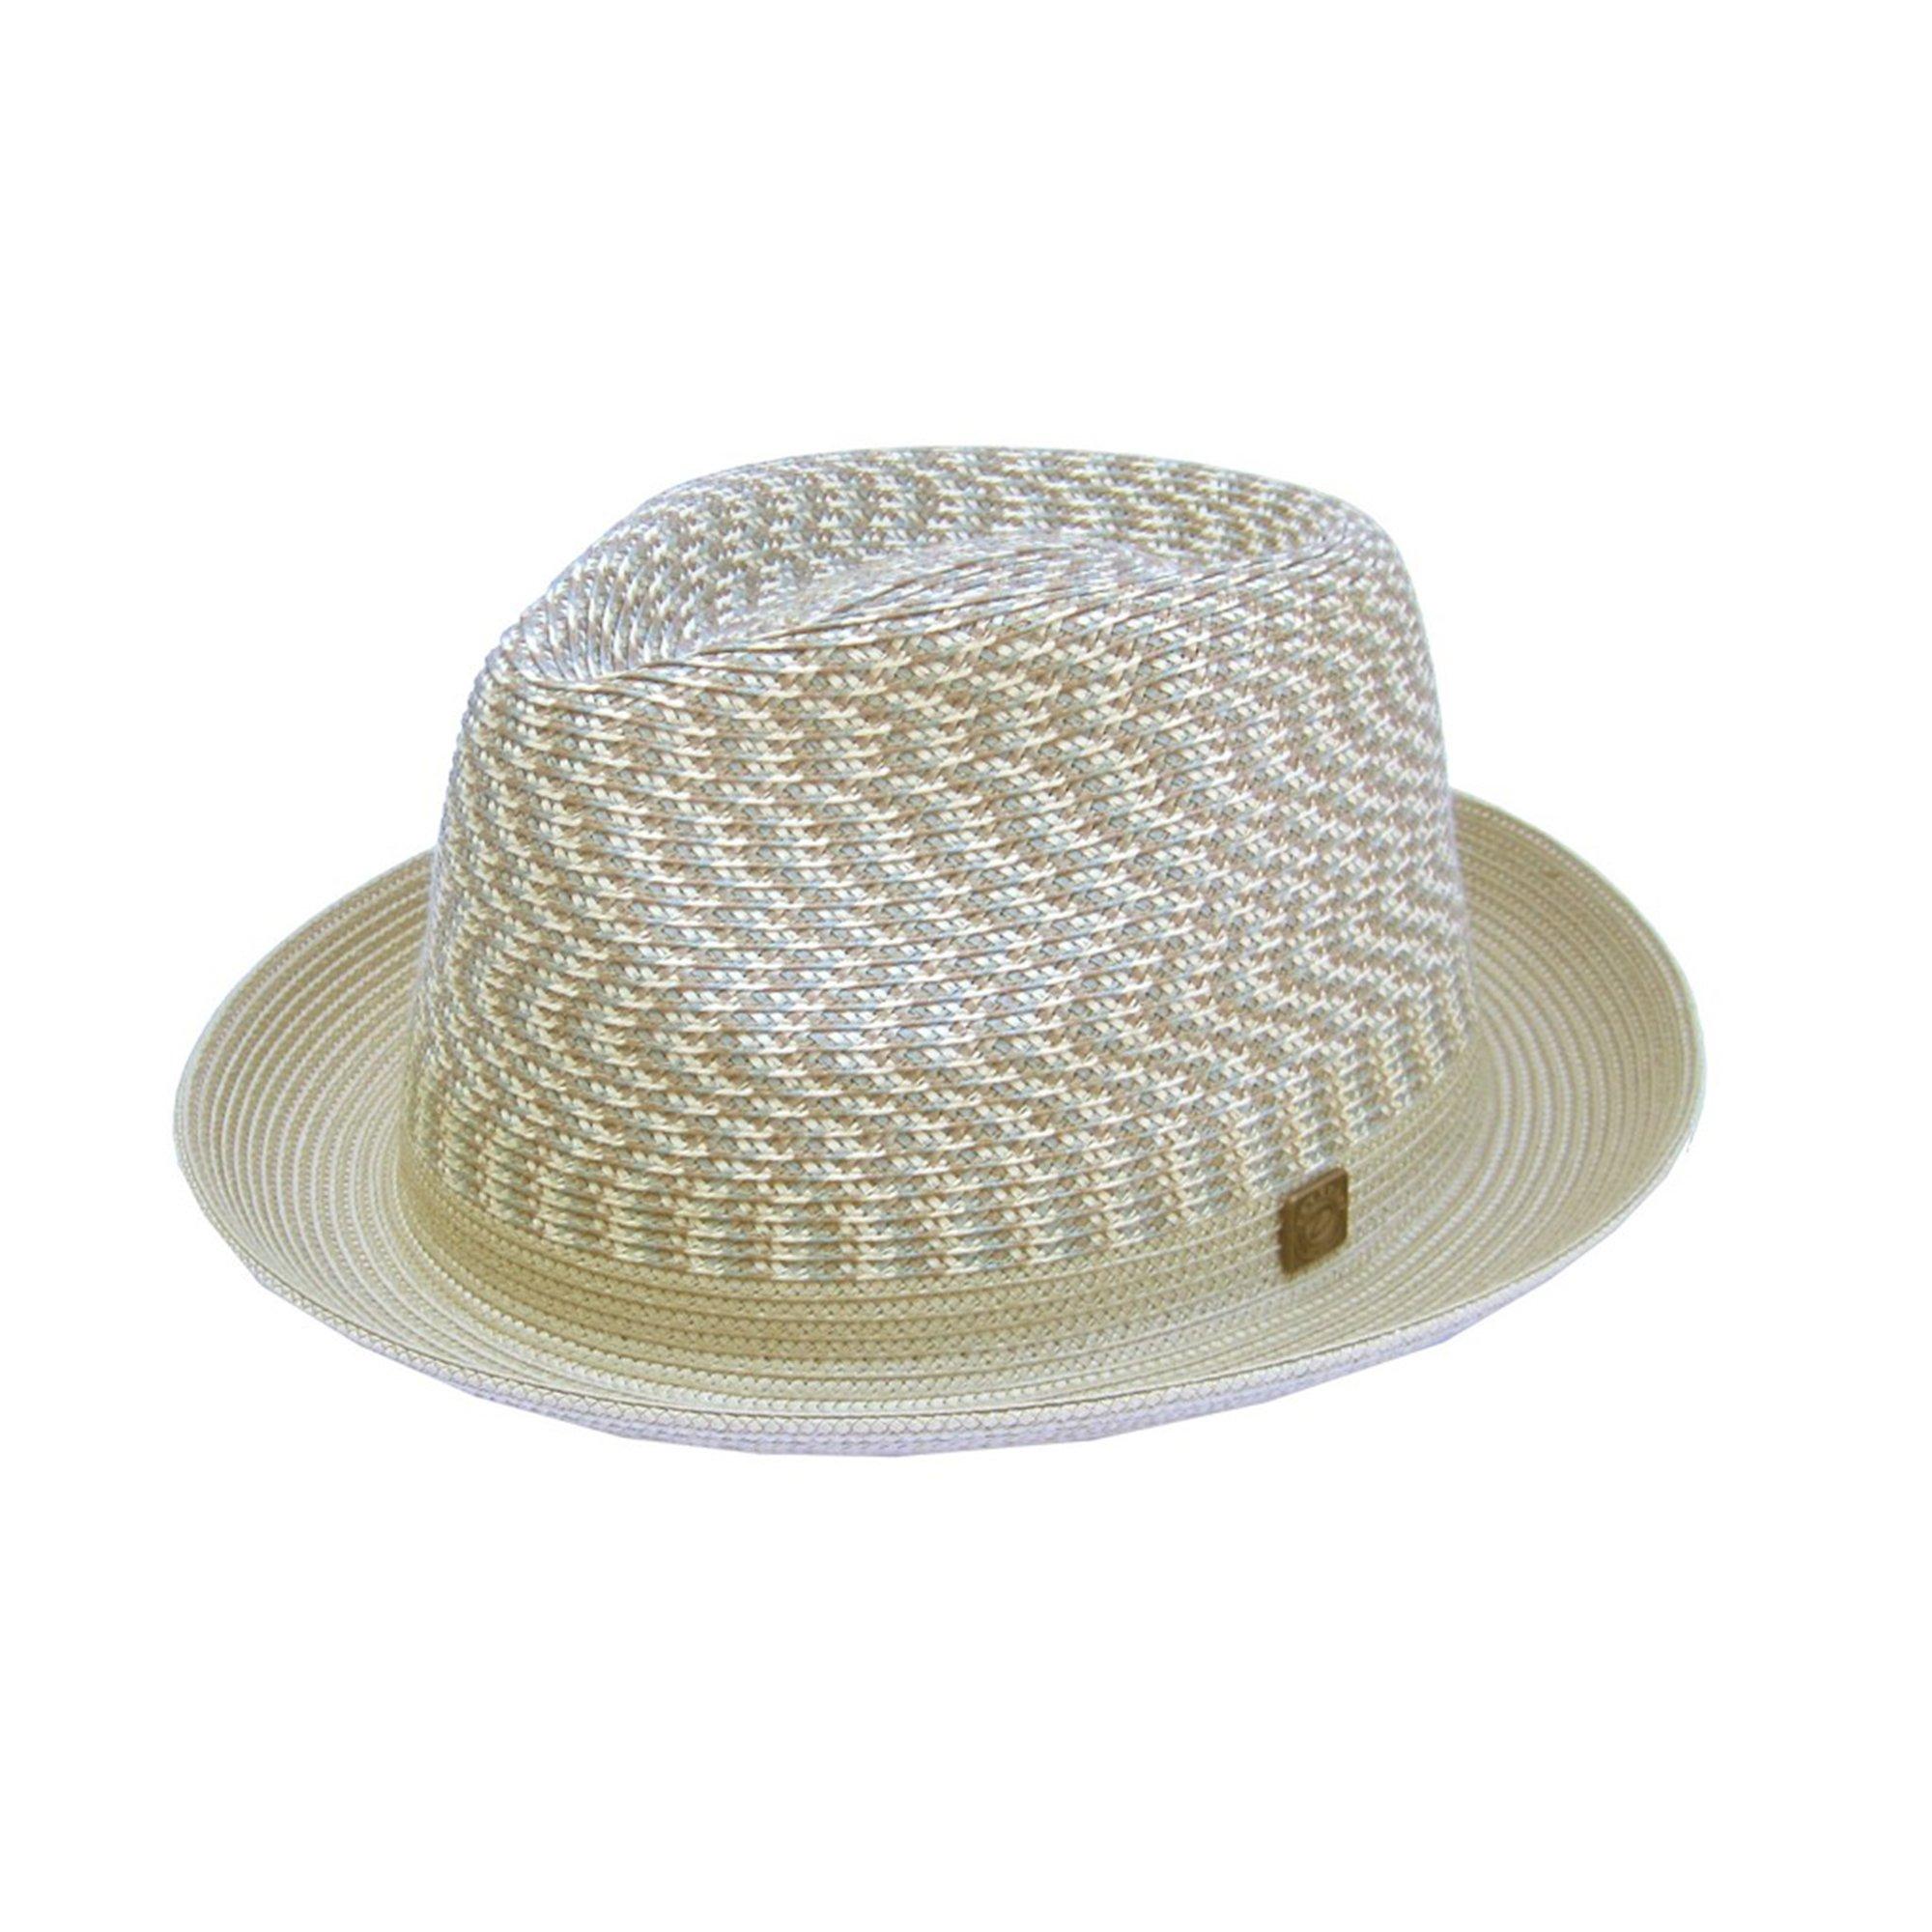 Dasmarca Vienna Beige Multicolor Summer Trilby Hat - M